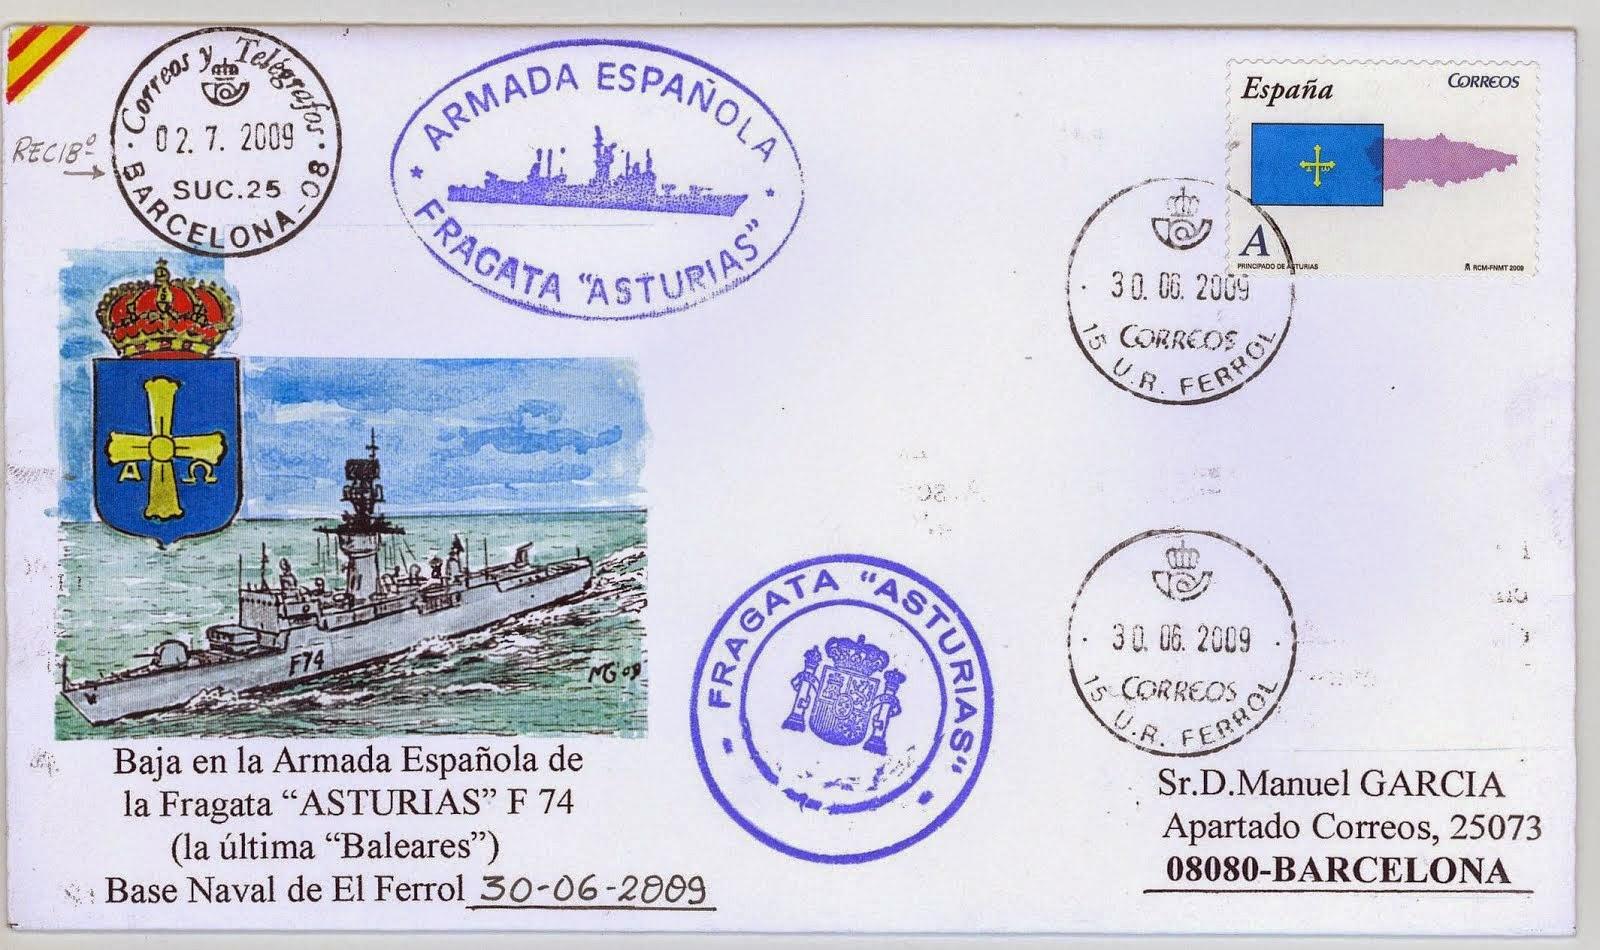 """Sobre filatélico ilustrado por M.García para recordar la baja de la Armada del """"MARSOPA"""""""